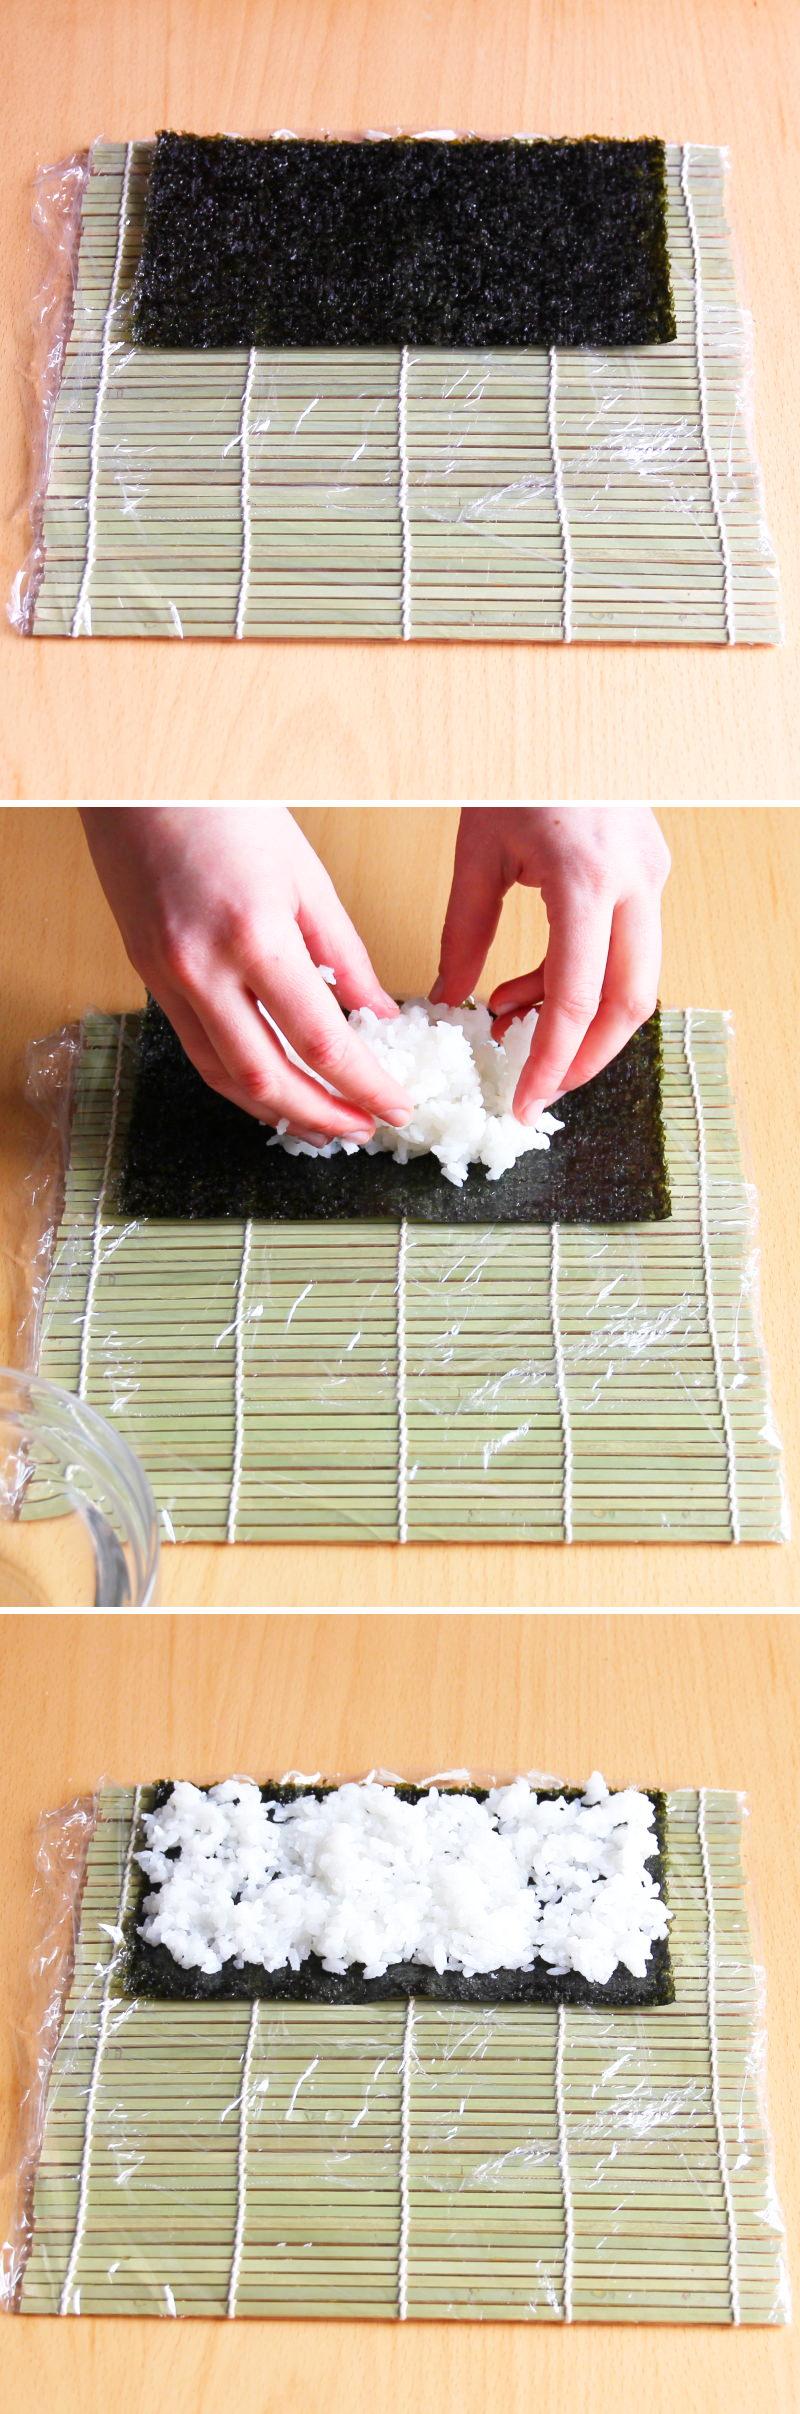 Hosomaki Schritt 6 Sushi-Reis verteilen